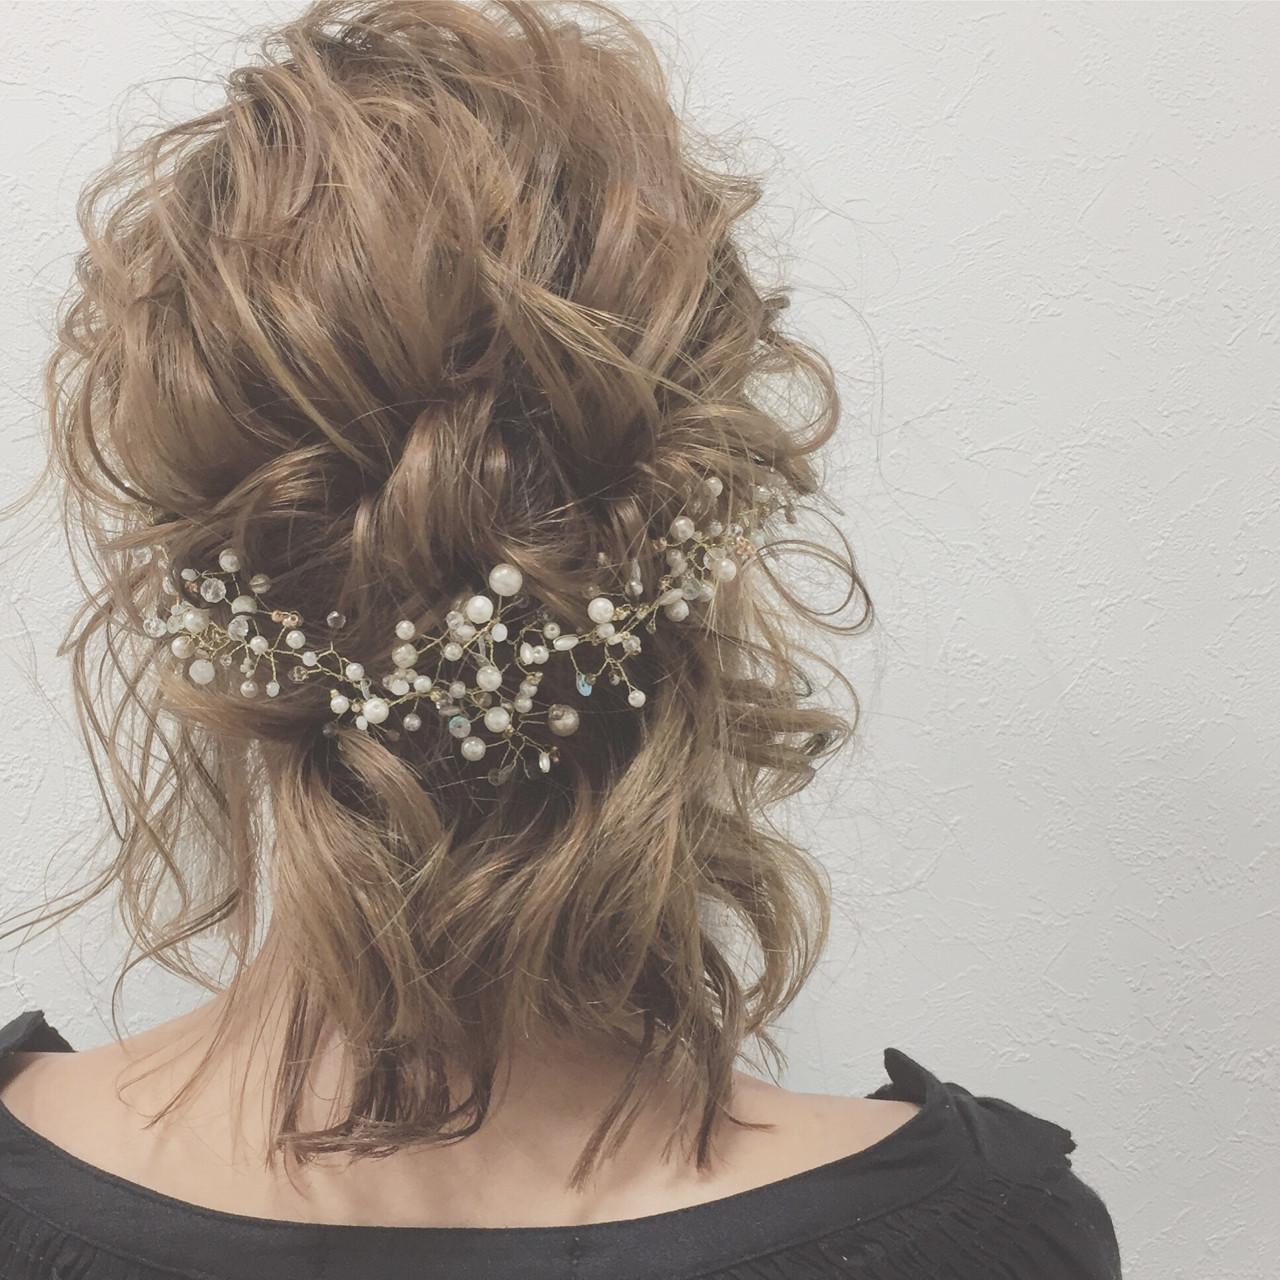 ヘアアレンジ 上品 結婚式 大人女子 ヘアスタイルや髪型の写真・画像